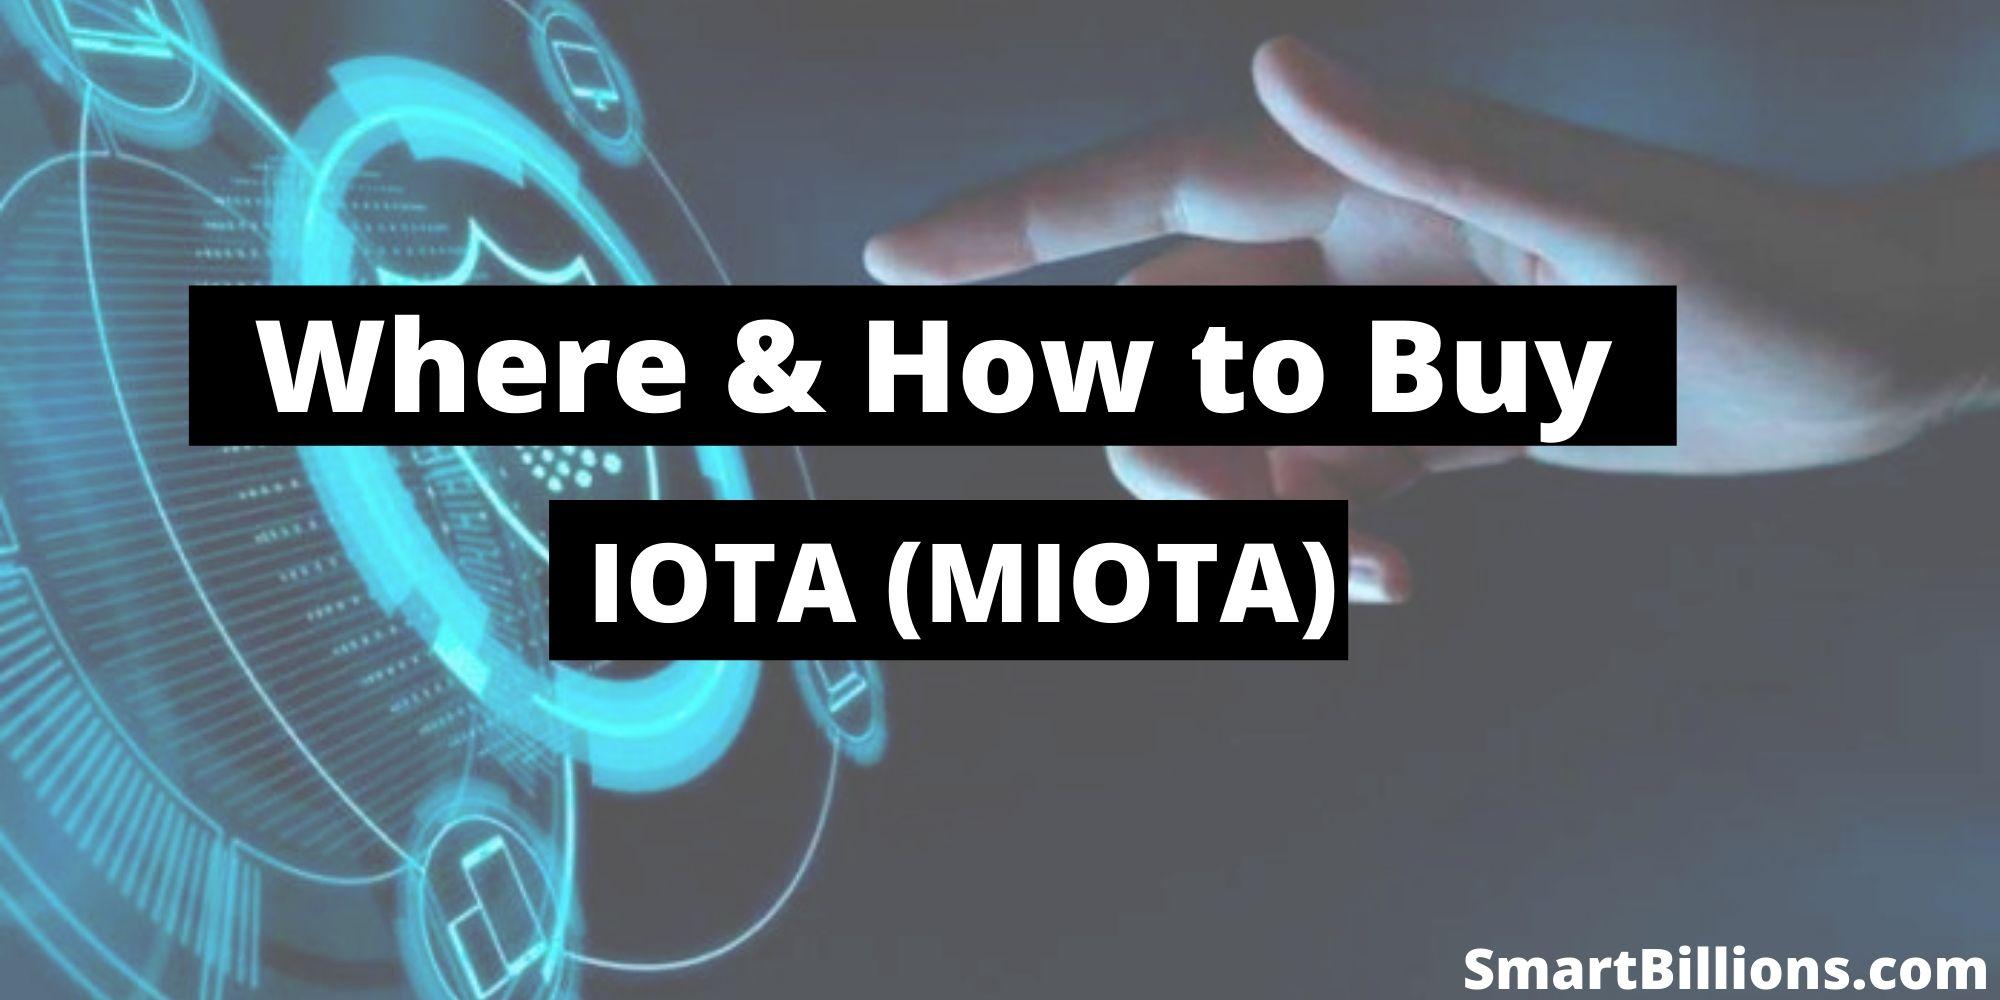 where and how to buy IOTA (MIOTA)